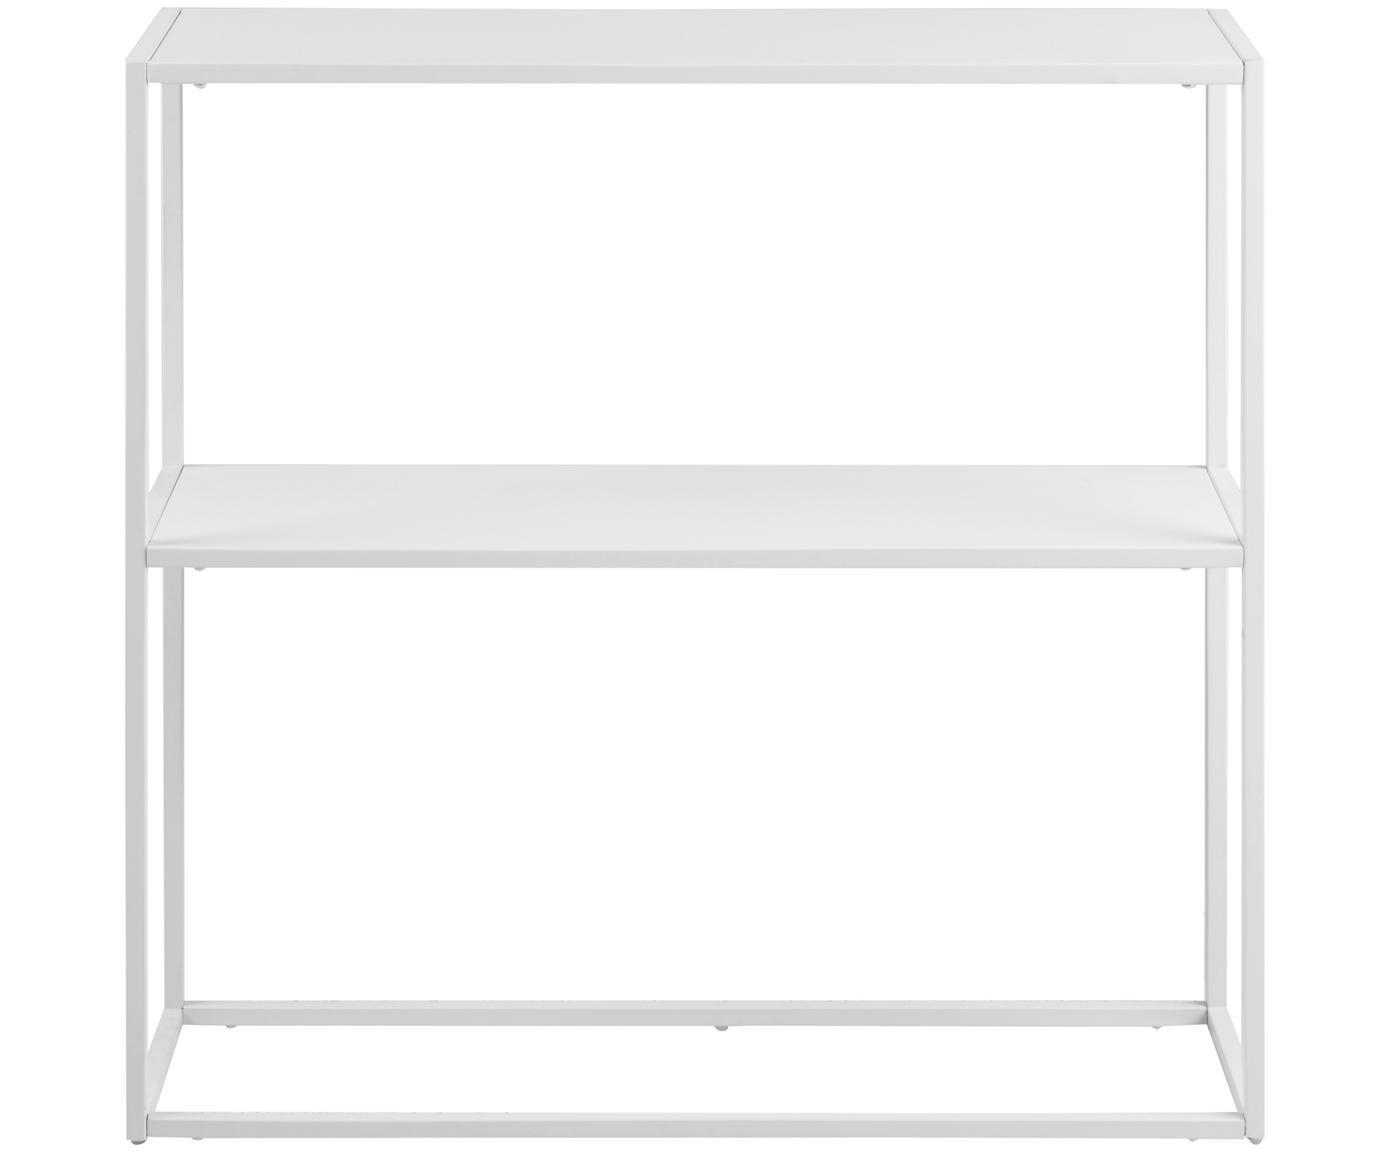 Metall-Regal Newton in Weiss, Metall, pulverbeschichtet, Weiss, 80 x 80 cm